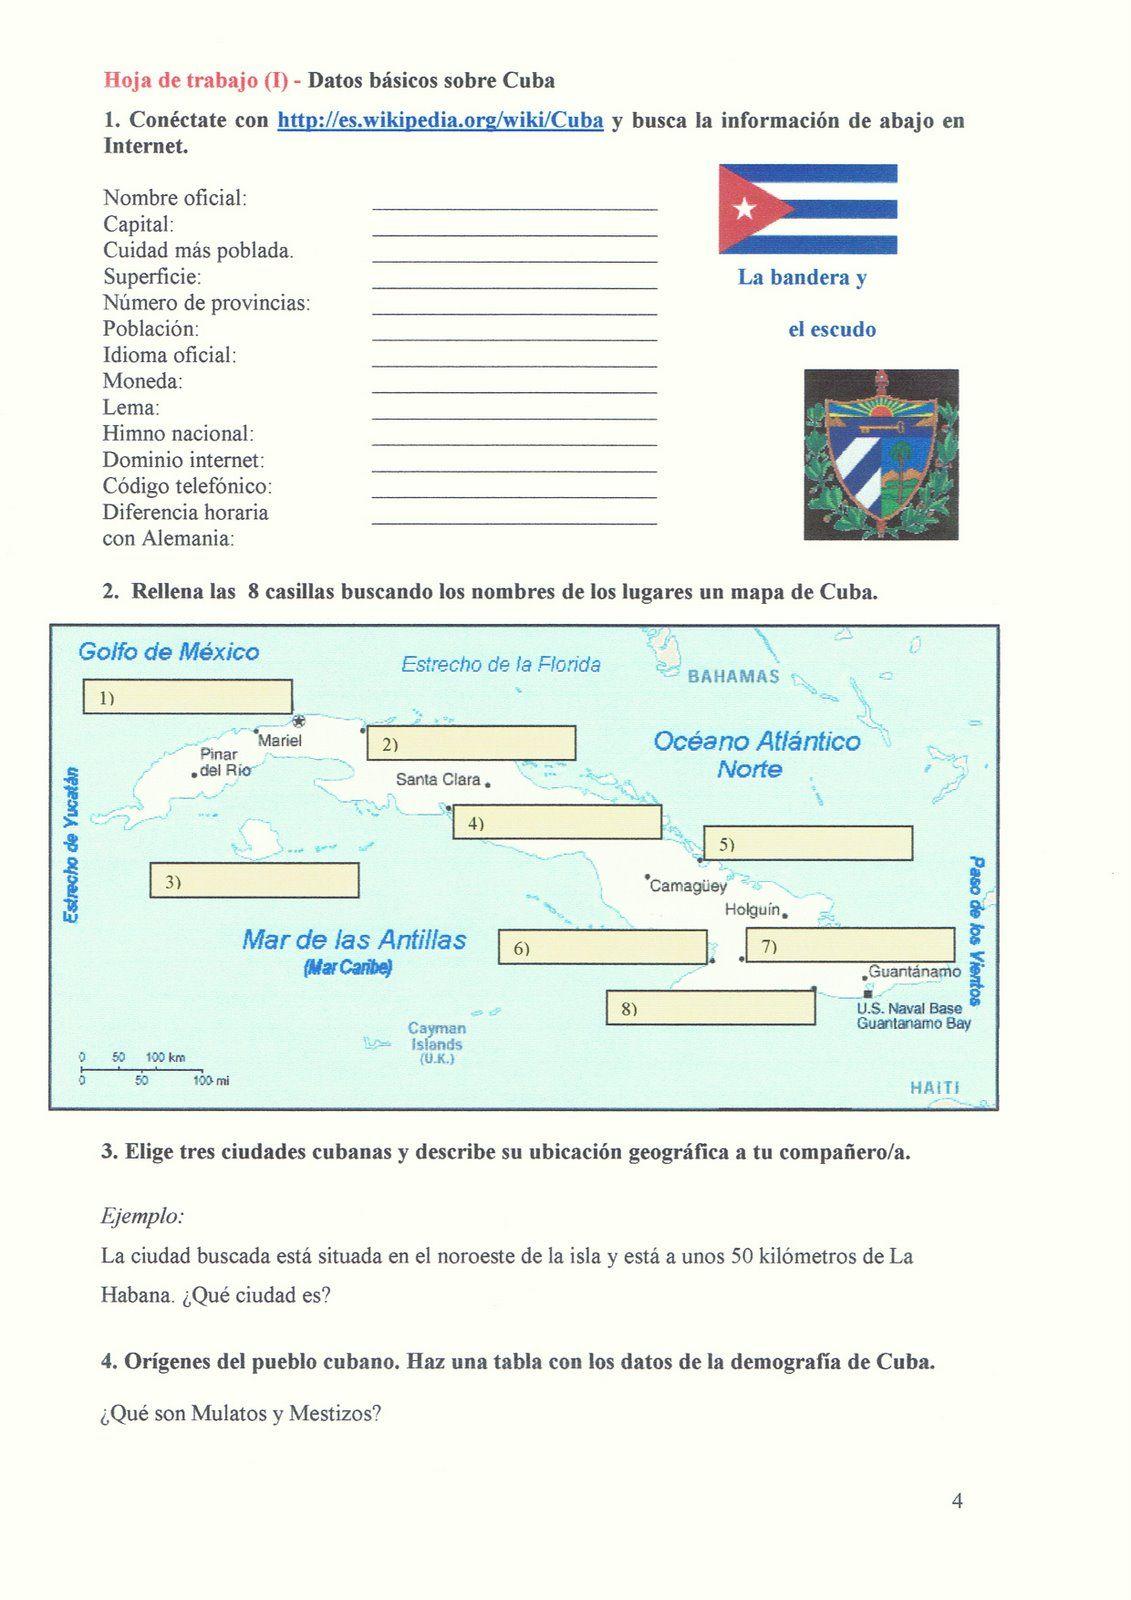 Worksheet Datos Basicos De Cuba